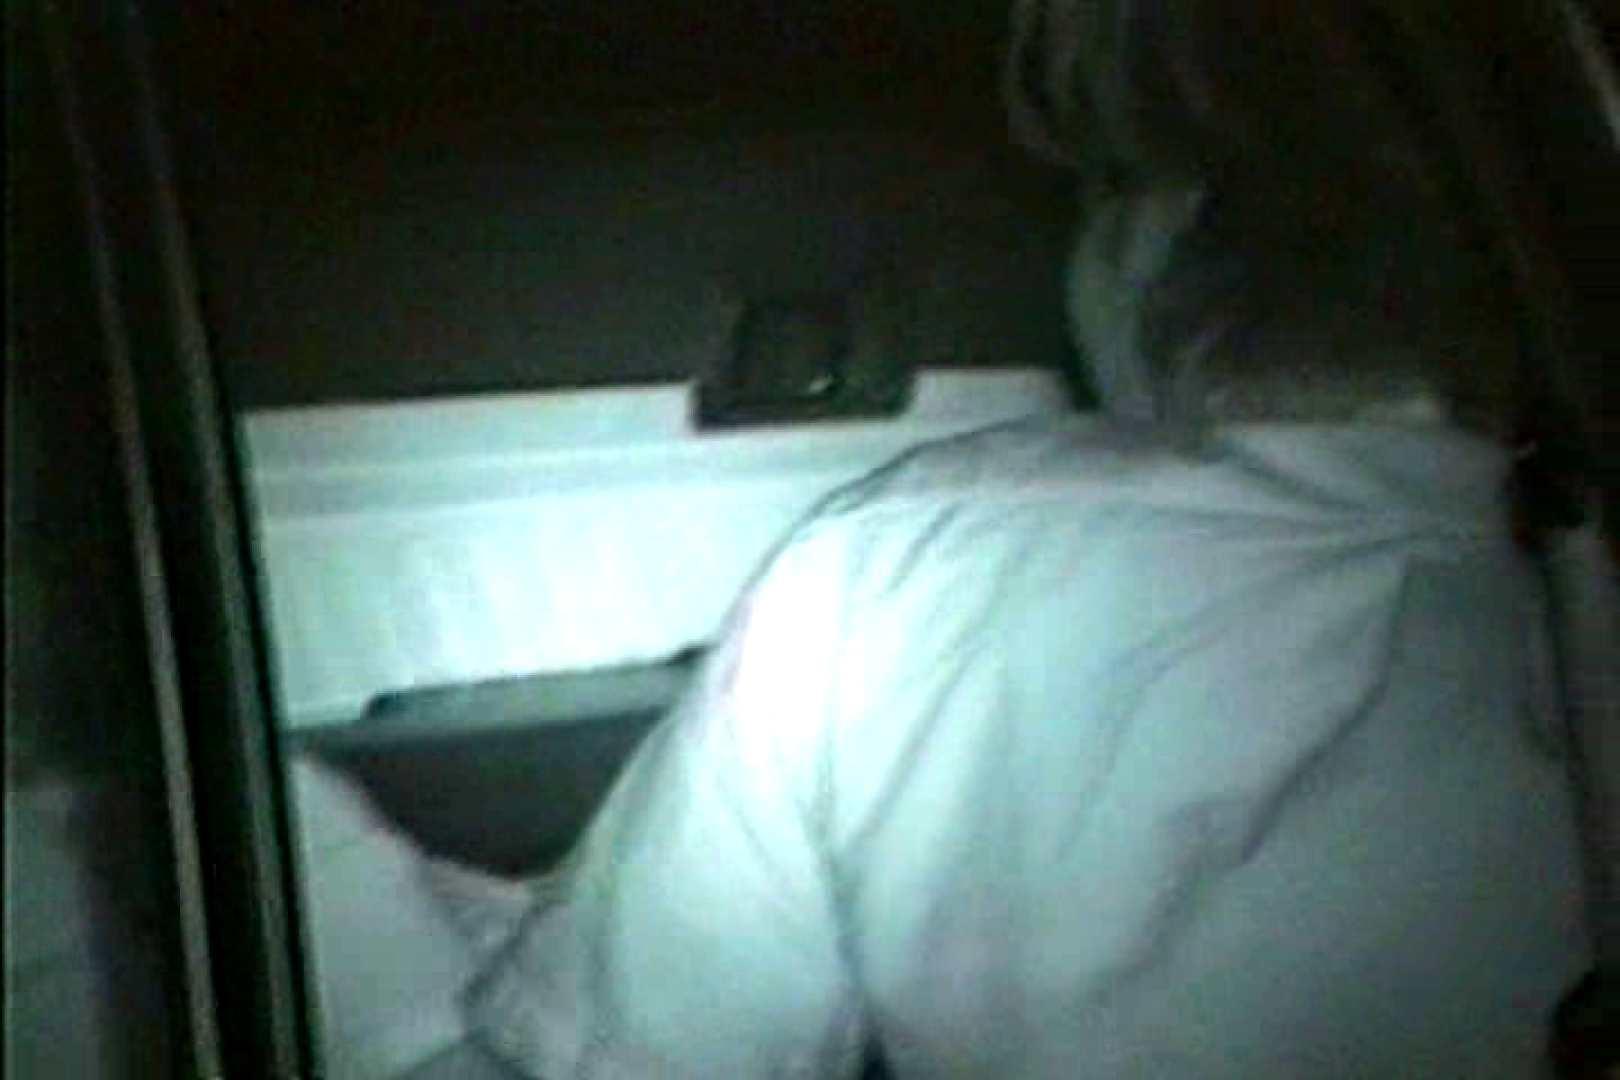 車の中はラブホテル 無修正版  Vol.6 ホテル AV無料動画キャプチャ 104pic 4